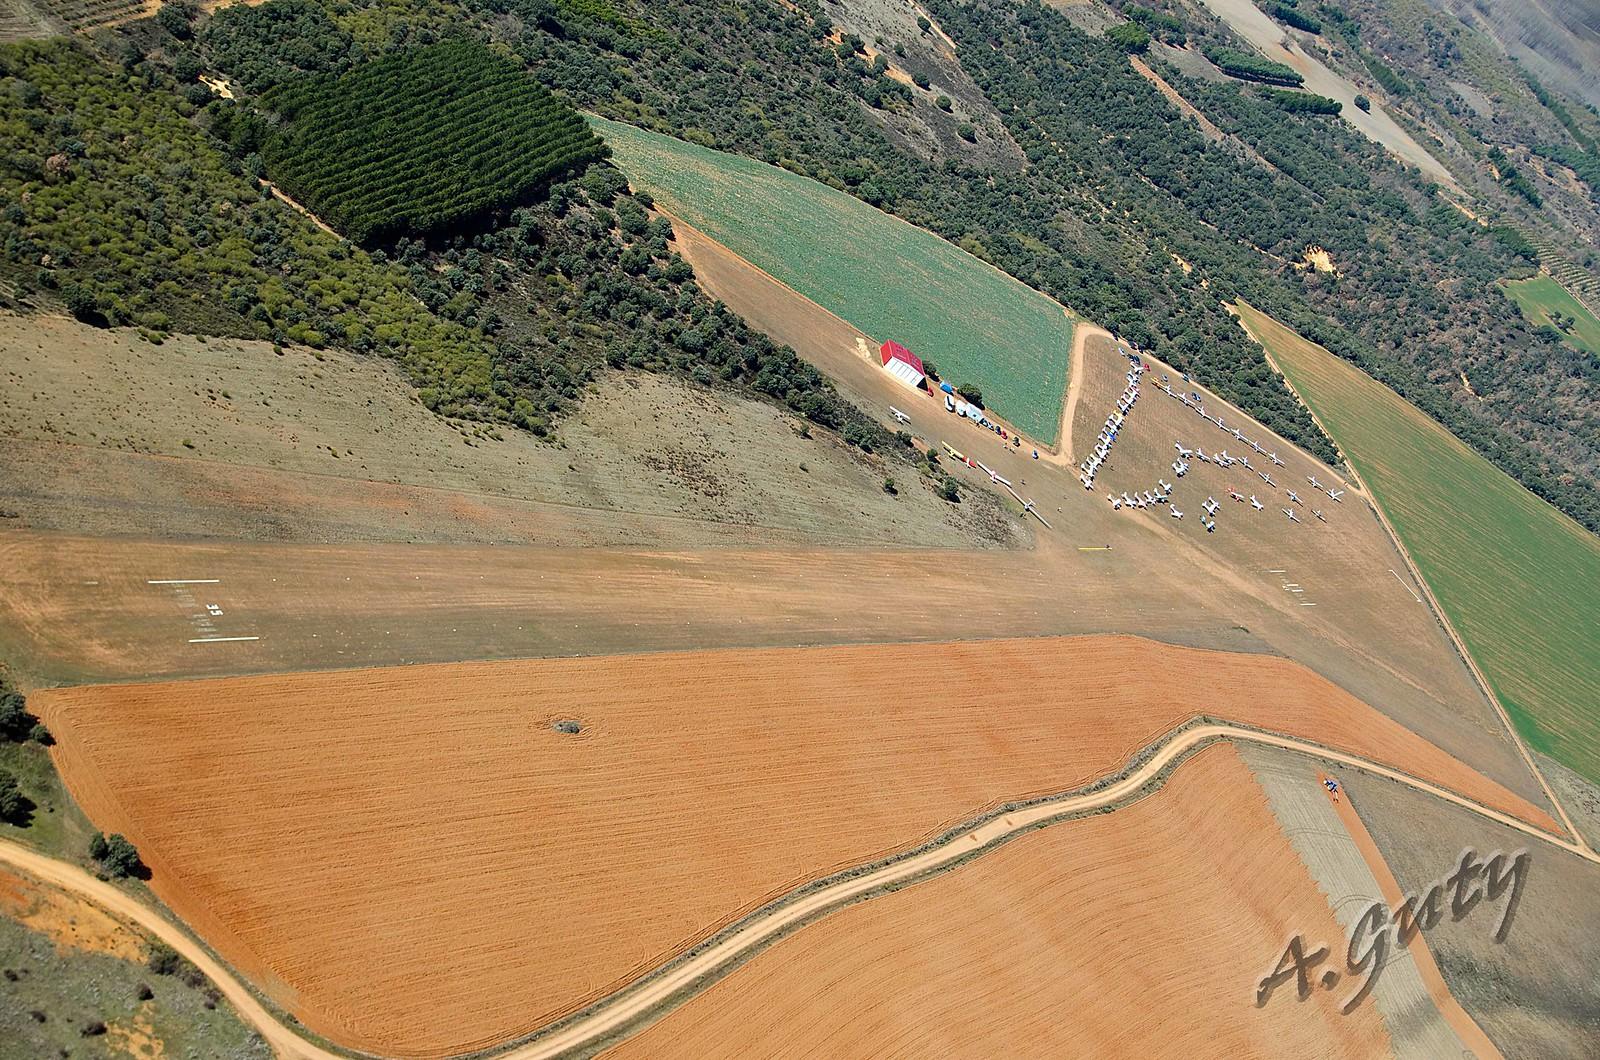 Ronda Aerea 2017 Aerodromo de Astorga (194)